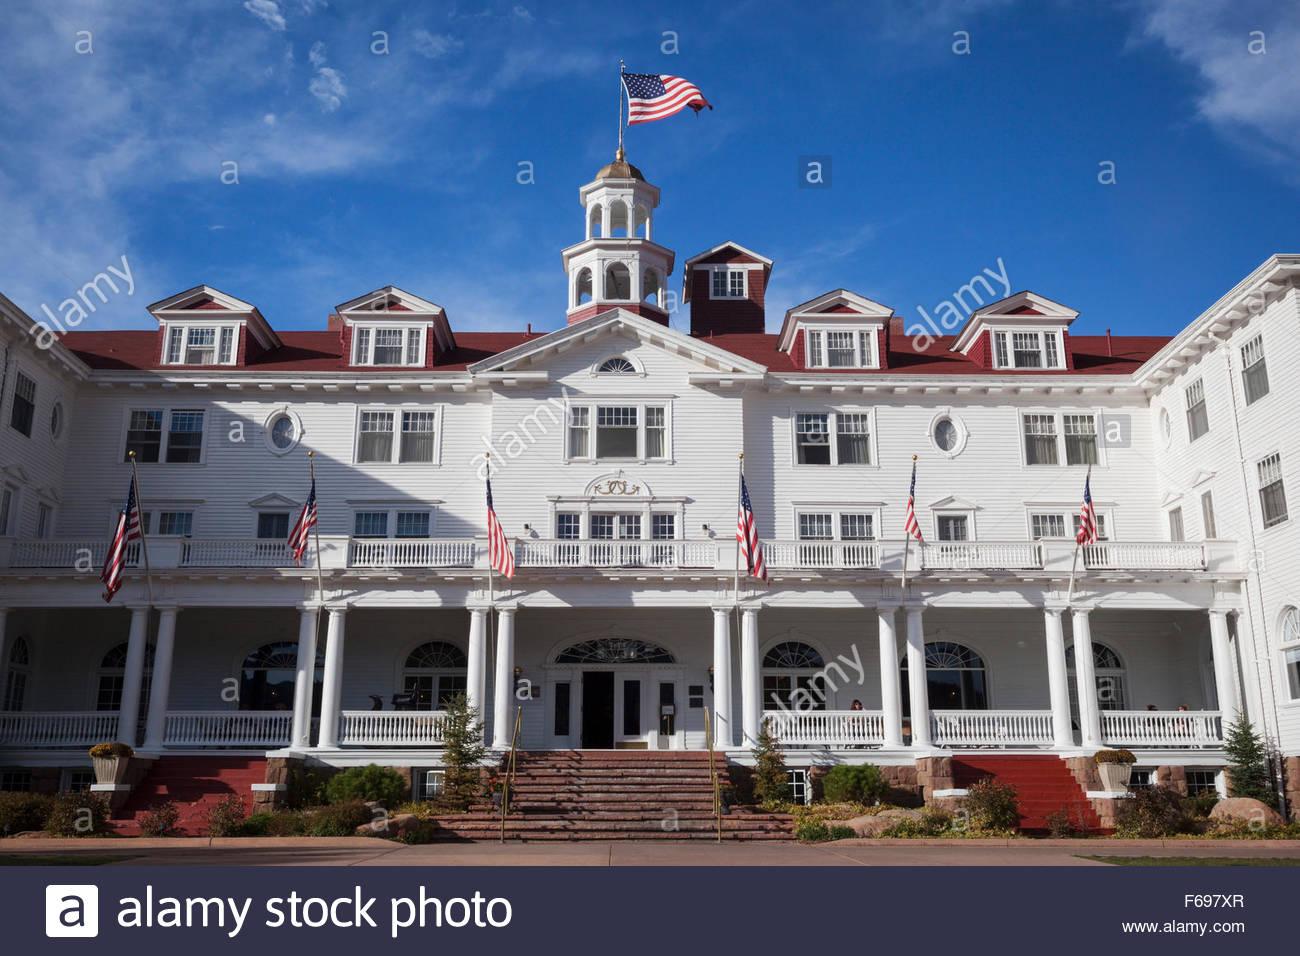 The Stanley Hotel, Estes Park, Colorado - Stock Image